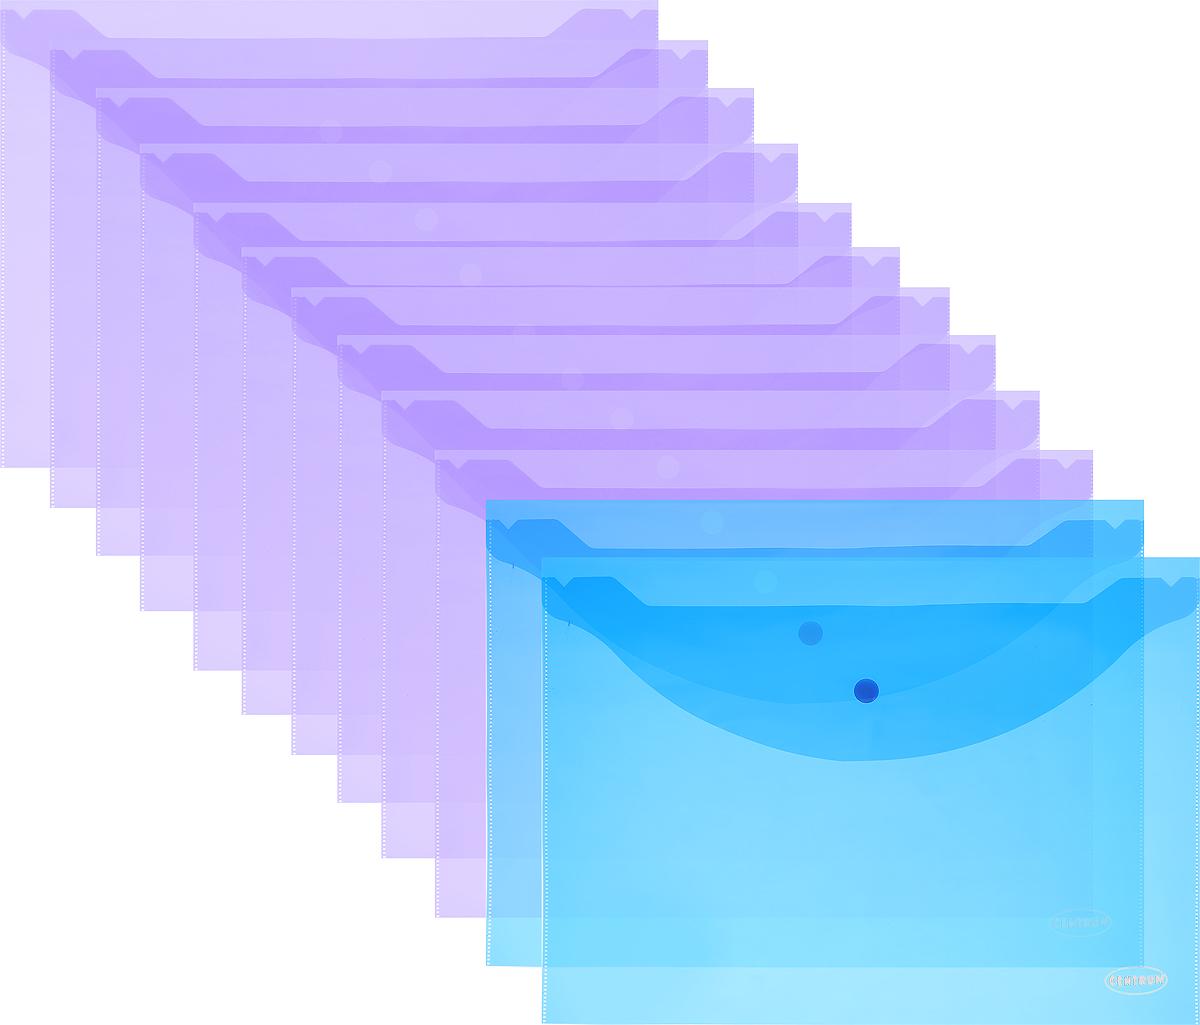 Centrum Папка-конверт на кнопке цвет фиолетовый синий 12 штAC-1121RDПапка-конверт на кнопке Centrum - это удобный и функциональный офисный инструмент, предназначенный для хранения и транспортировки рабочих бумаг и документов формата А4. Папка изготовлена из полупрозрачного полипропилена и закрывается клапаном на кнопке.В упаковке 12 папок.